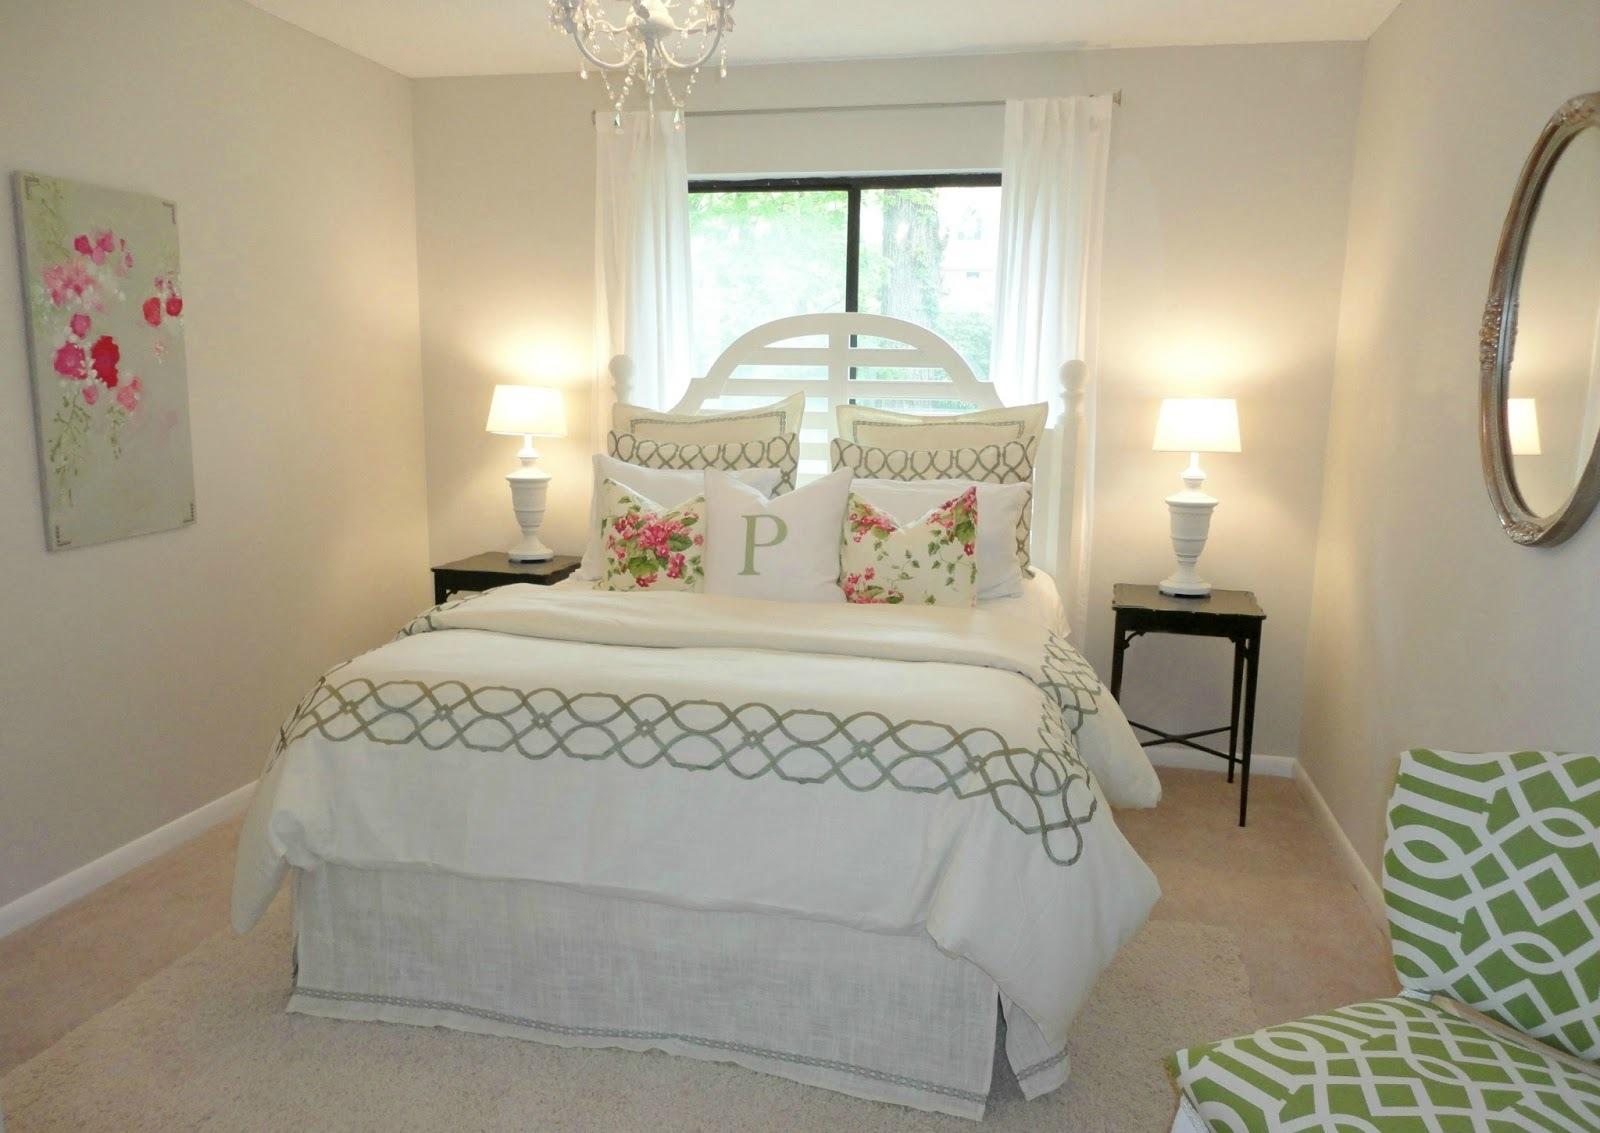 35 Tremendous Guest Bedroom Design Ideas Decoration Love